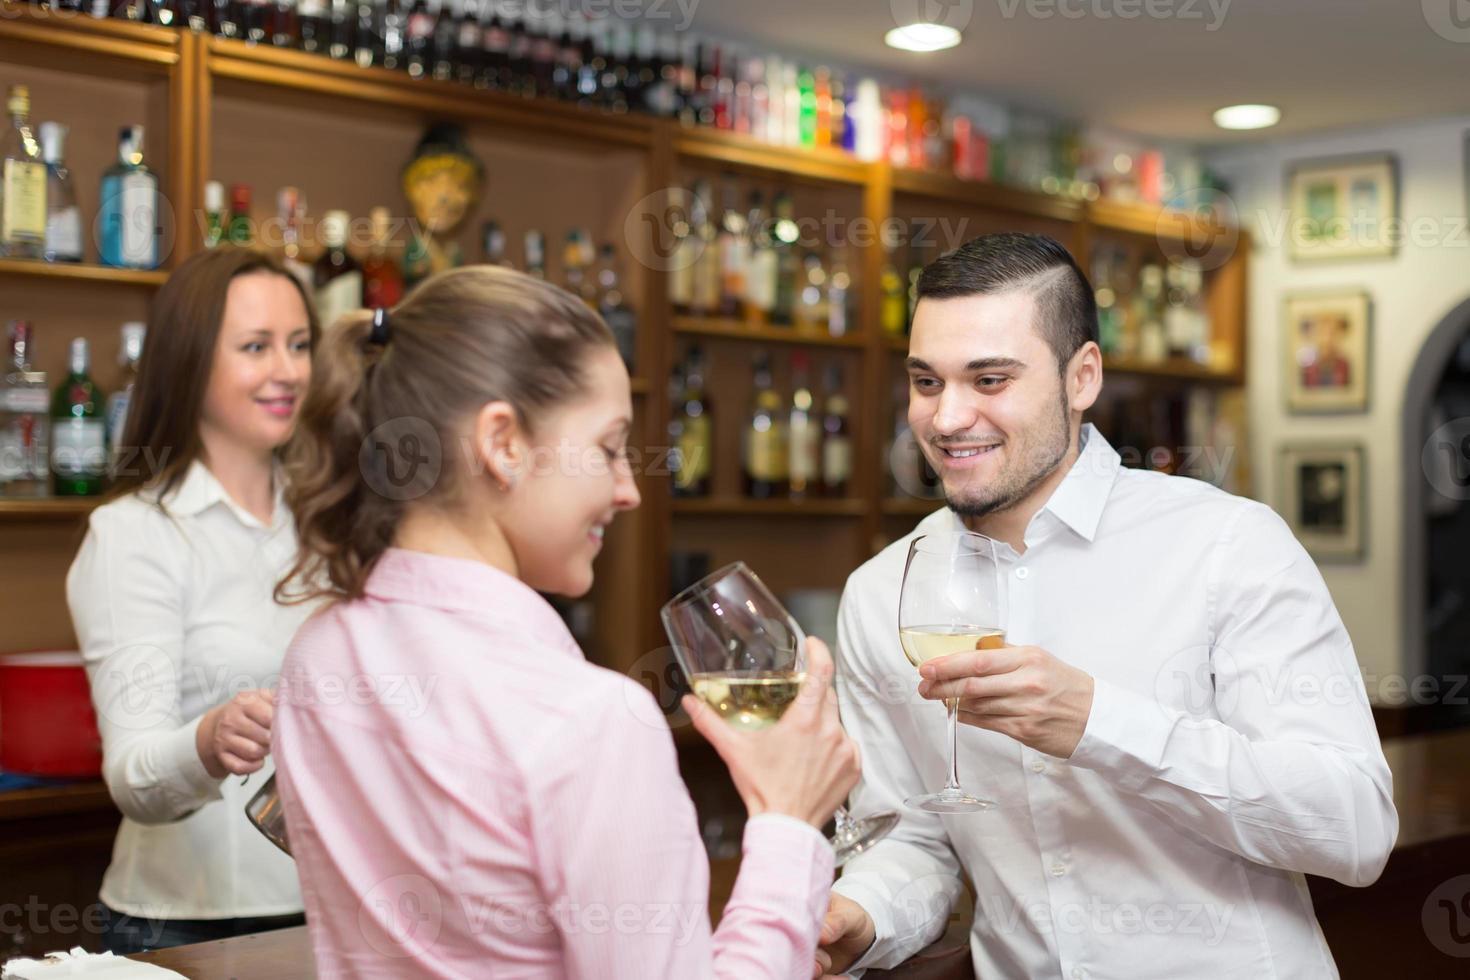 jovem casal com vinho no bar foto